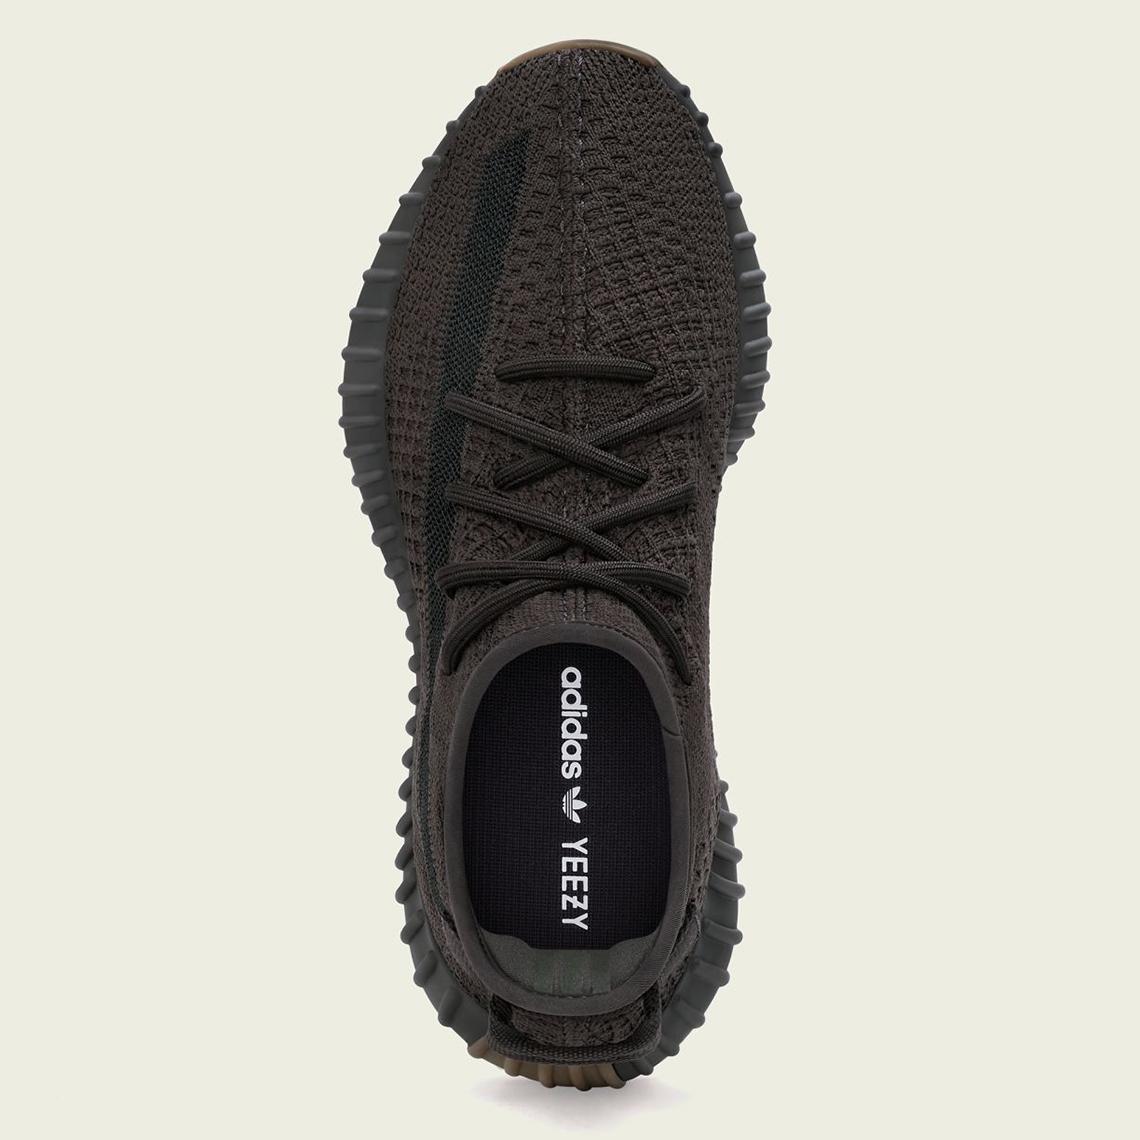 adidas Yeezy Boost 350 V2 ''Cinder'' - FY2903